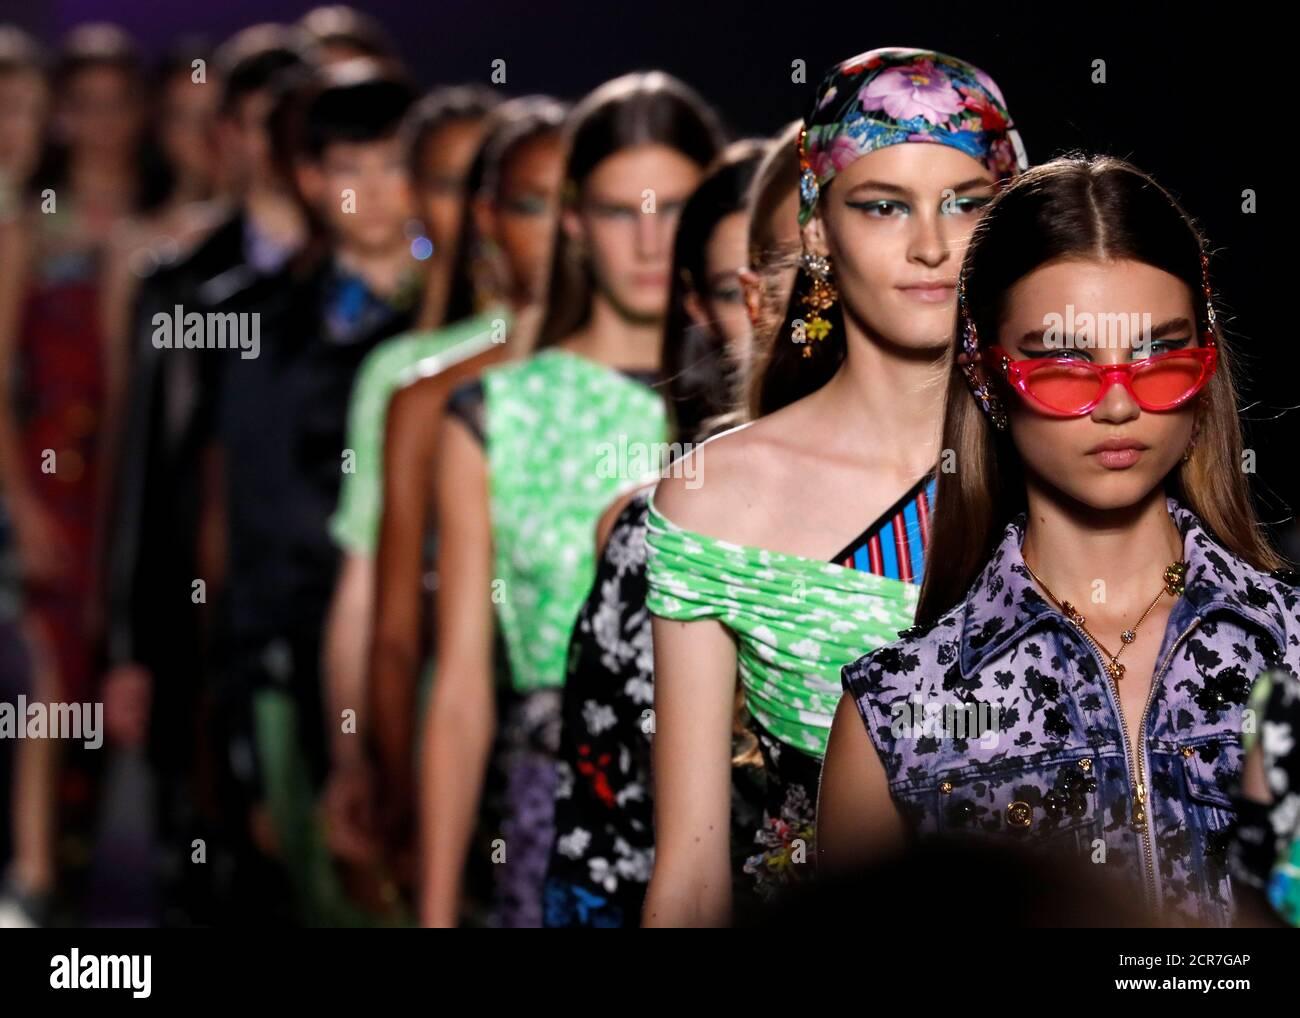 Los modelos presentan las creaciones en la feria Versace durante la Semana de la Moda de Milán Primavera 2019 en Milán, Italia, 21 de septiembre de 2018. REUTERS/Stefano Rellandini Foto de stock